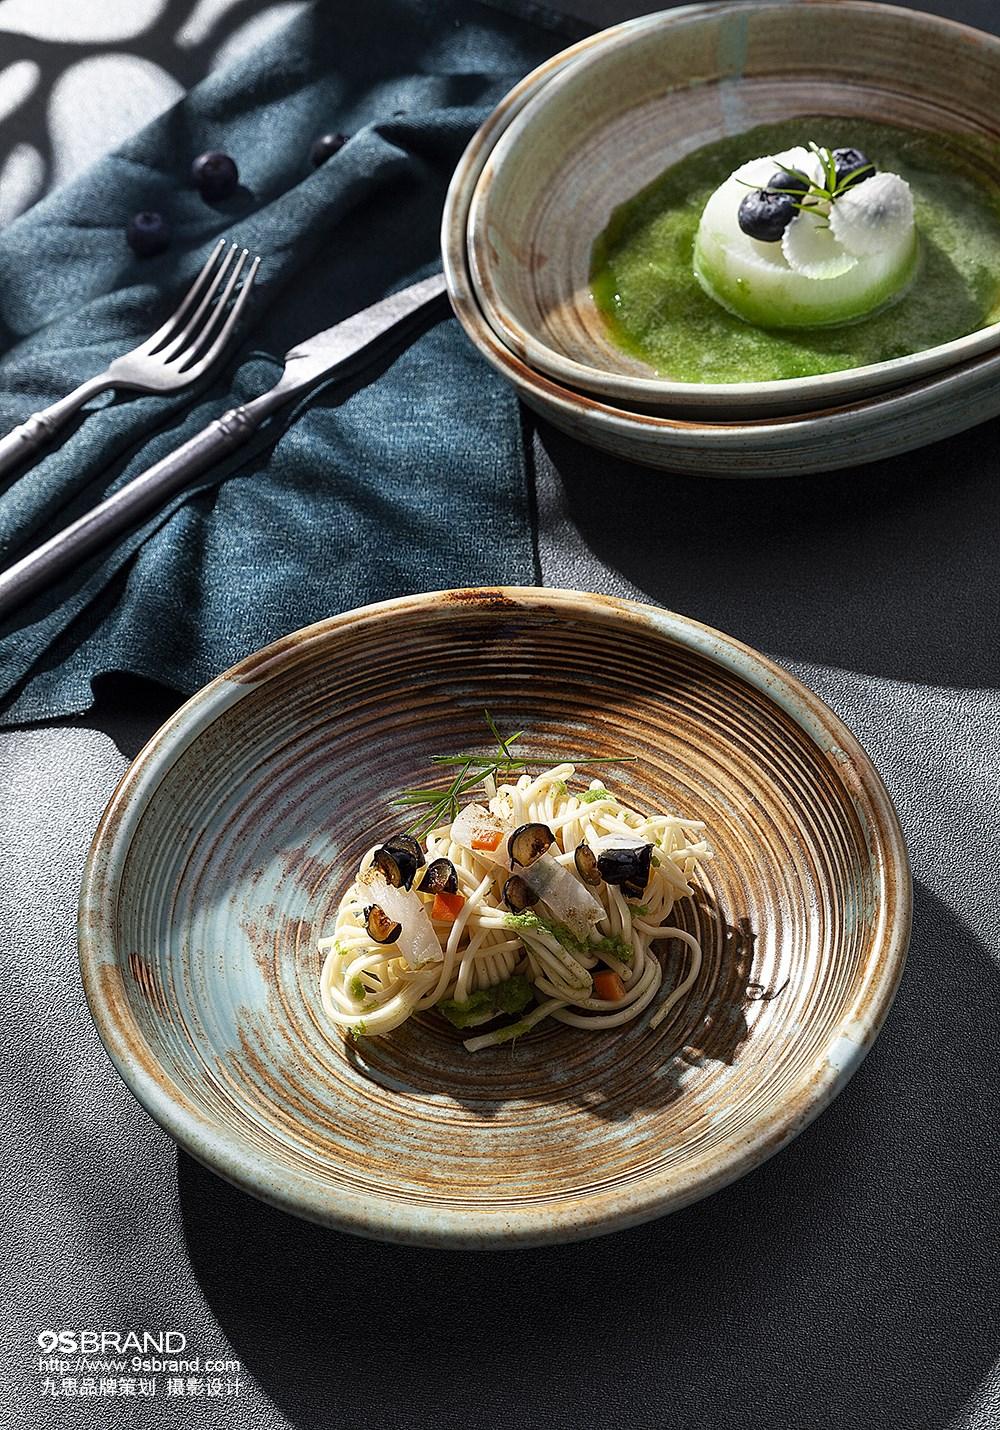 陶瓷餐具美食摄影